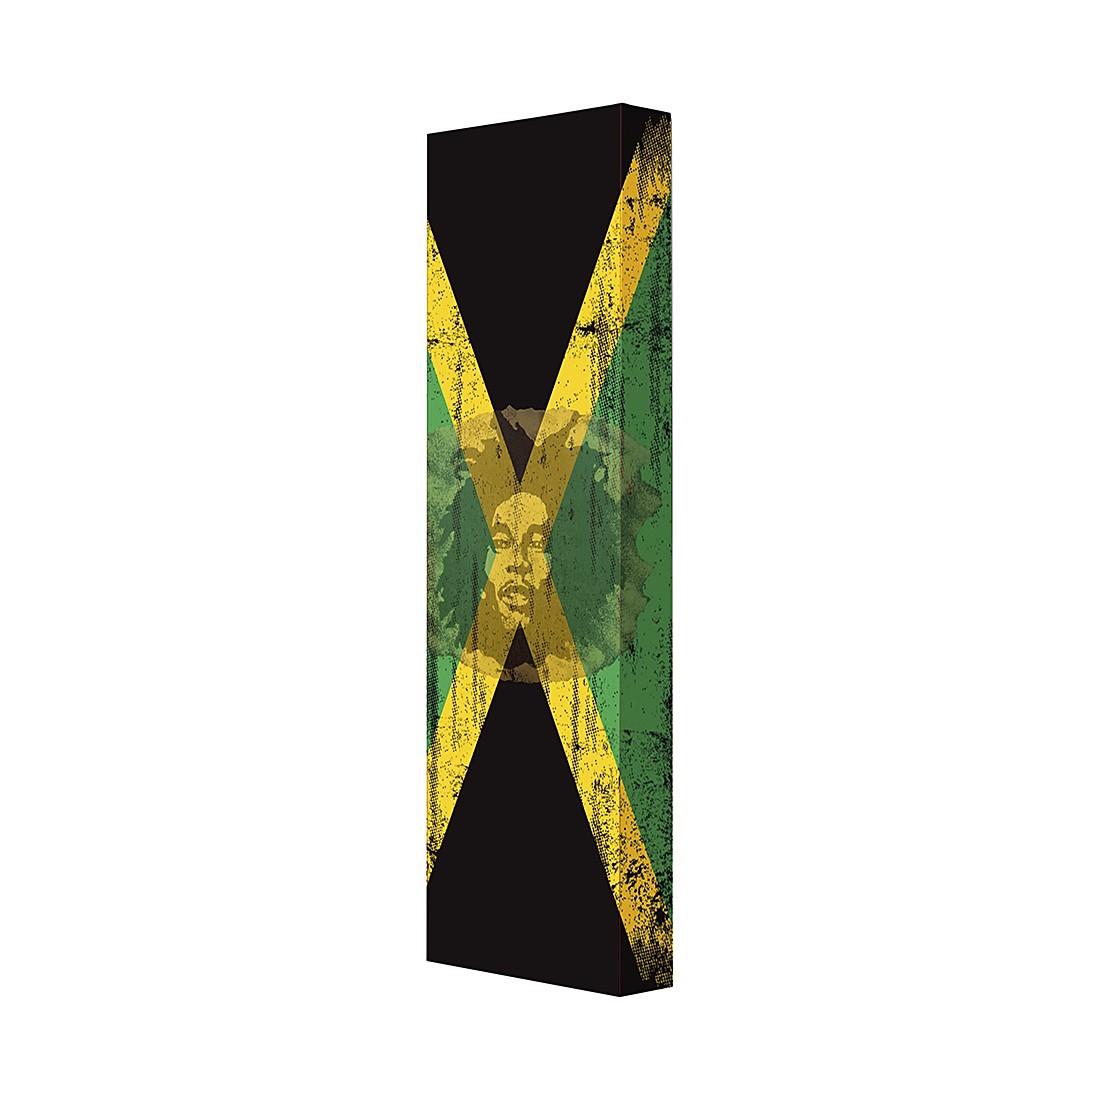 Schuhschrank Jamaika – Weiß/Bob Marley Motiv, Magazin-Möbel jetzt kaufen